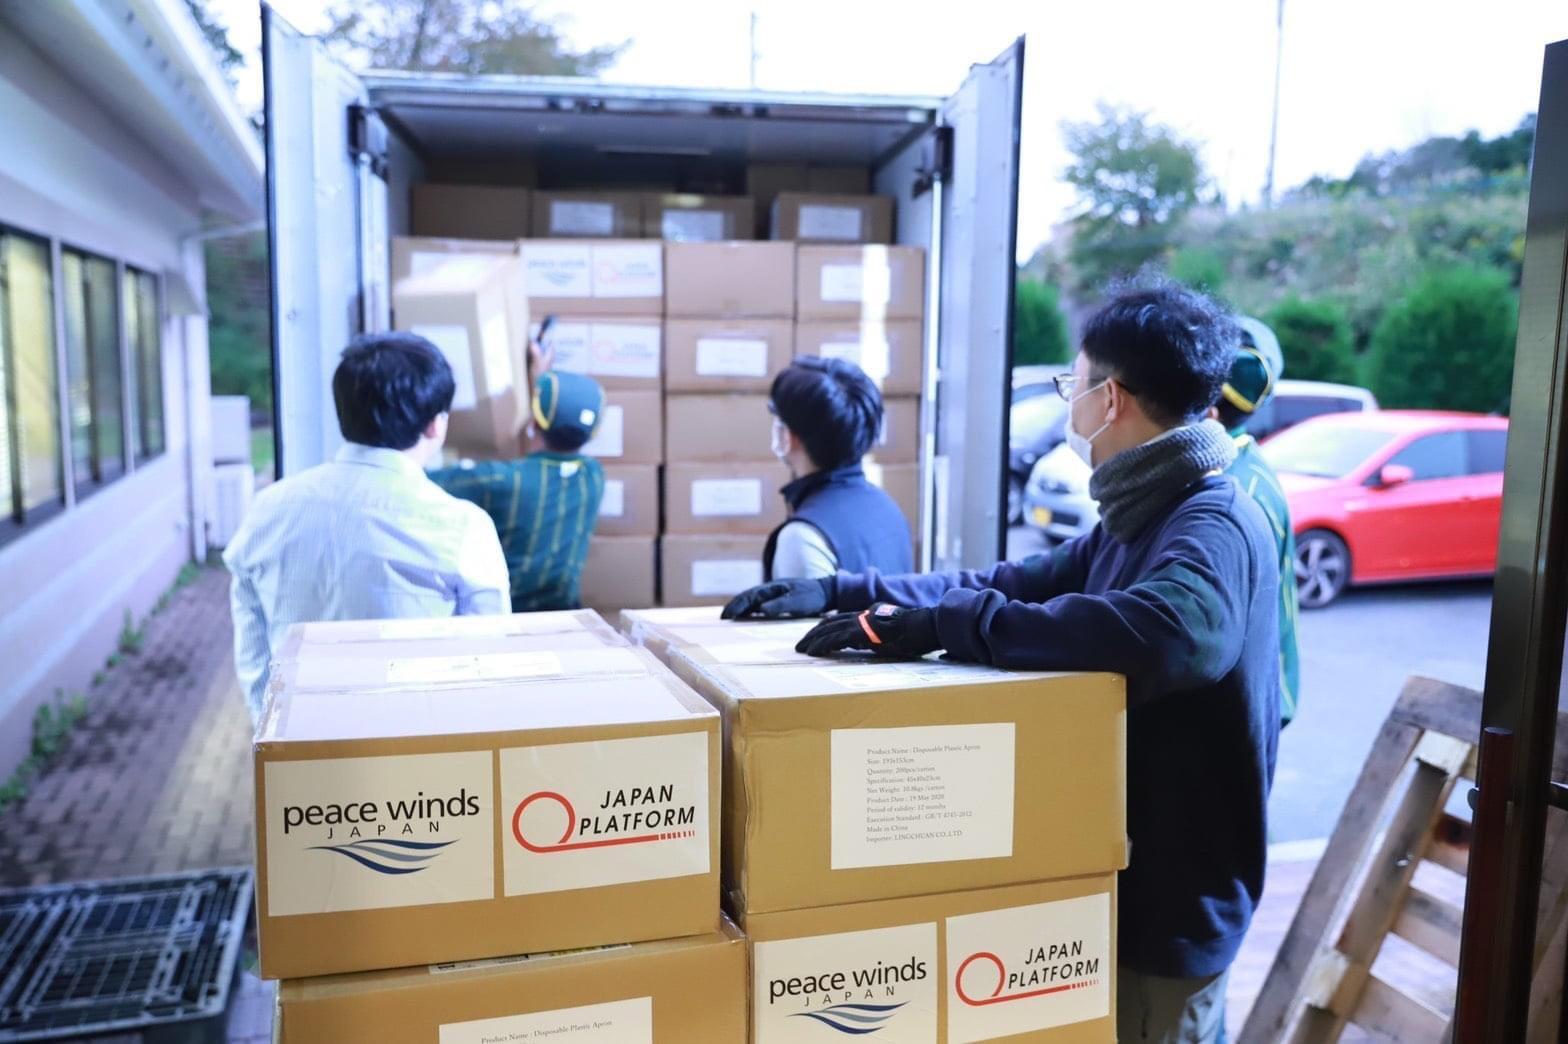 【新型コロナウイルス緊急支援】東京都の小規模医療機関にビニール手袋を無償提供